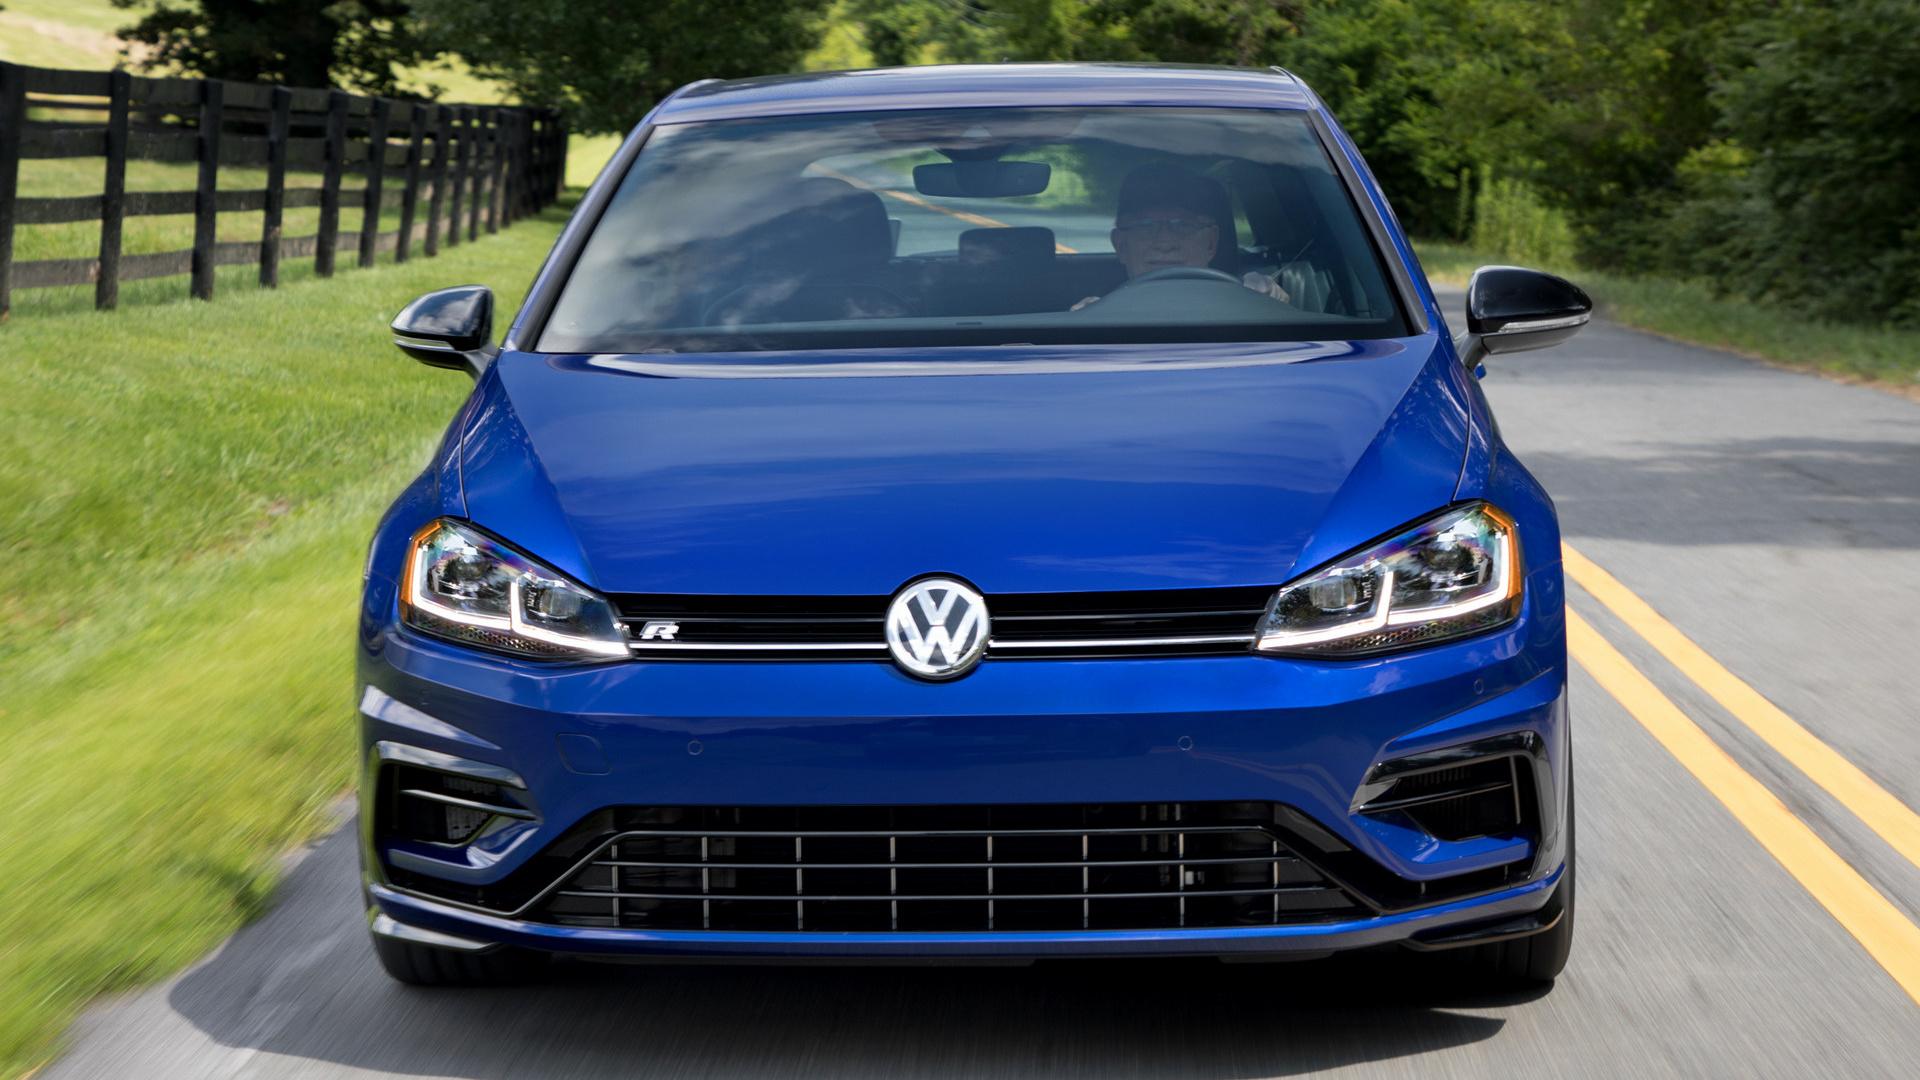 Wallpapers Volkswagen Golf R 5 Door 2018 US Thumbnail 74429 HD 169